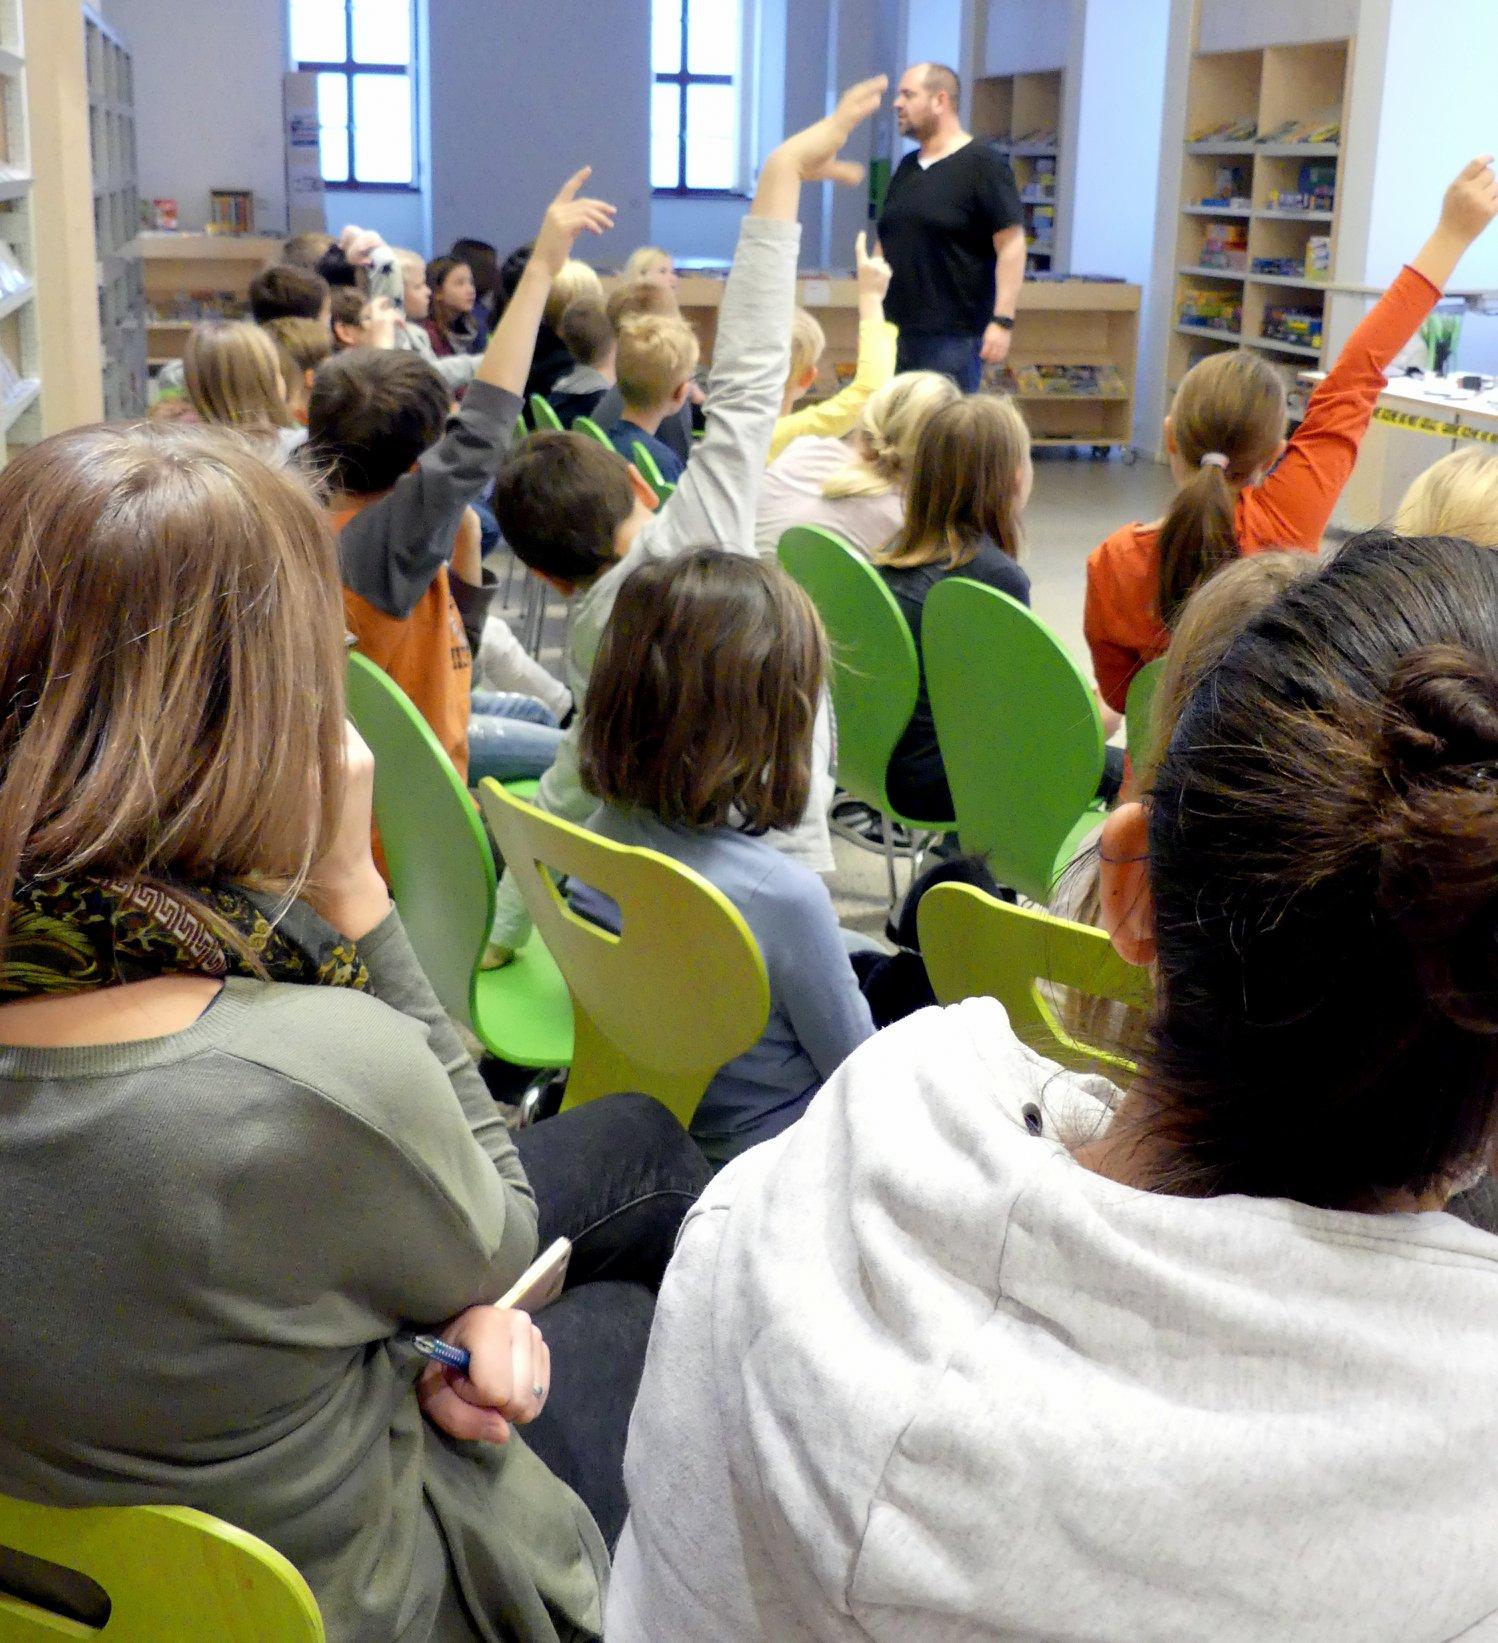 Einbruch in die Bücherei? - Detektiv-Seminar für Kinder Bild